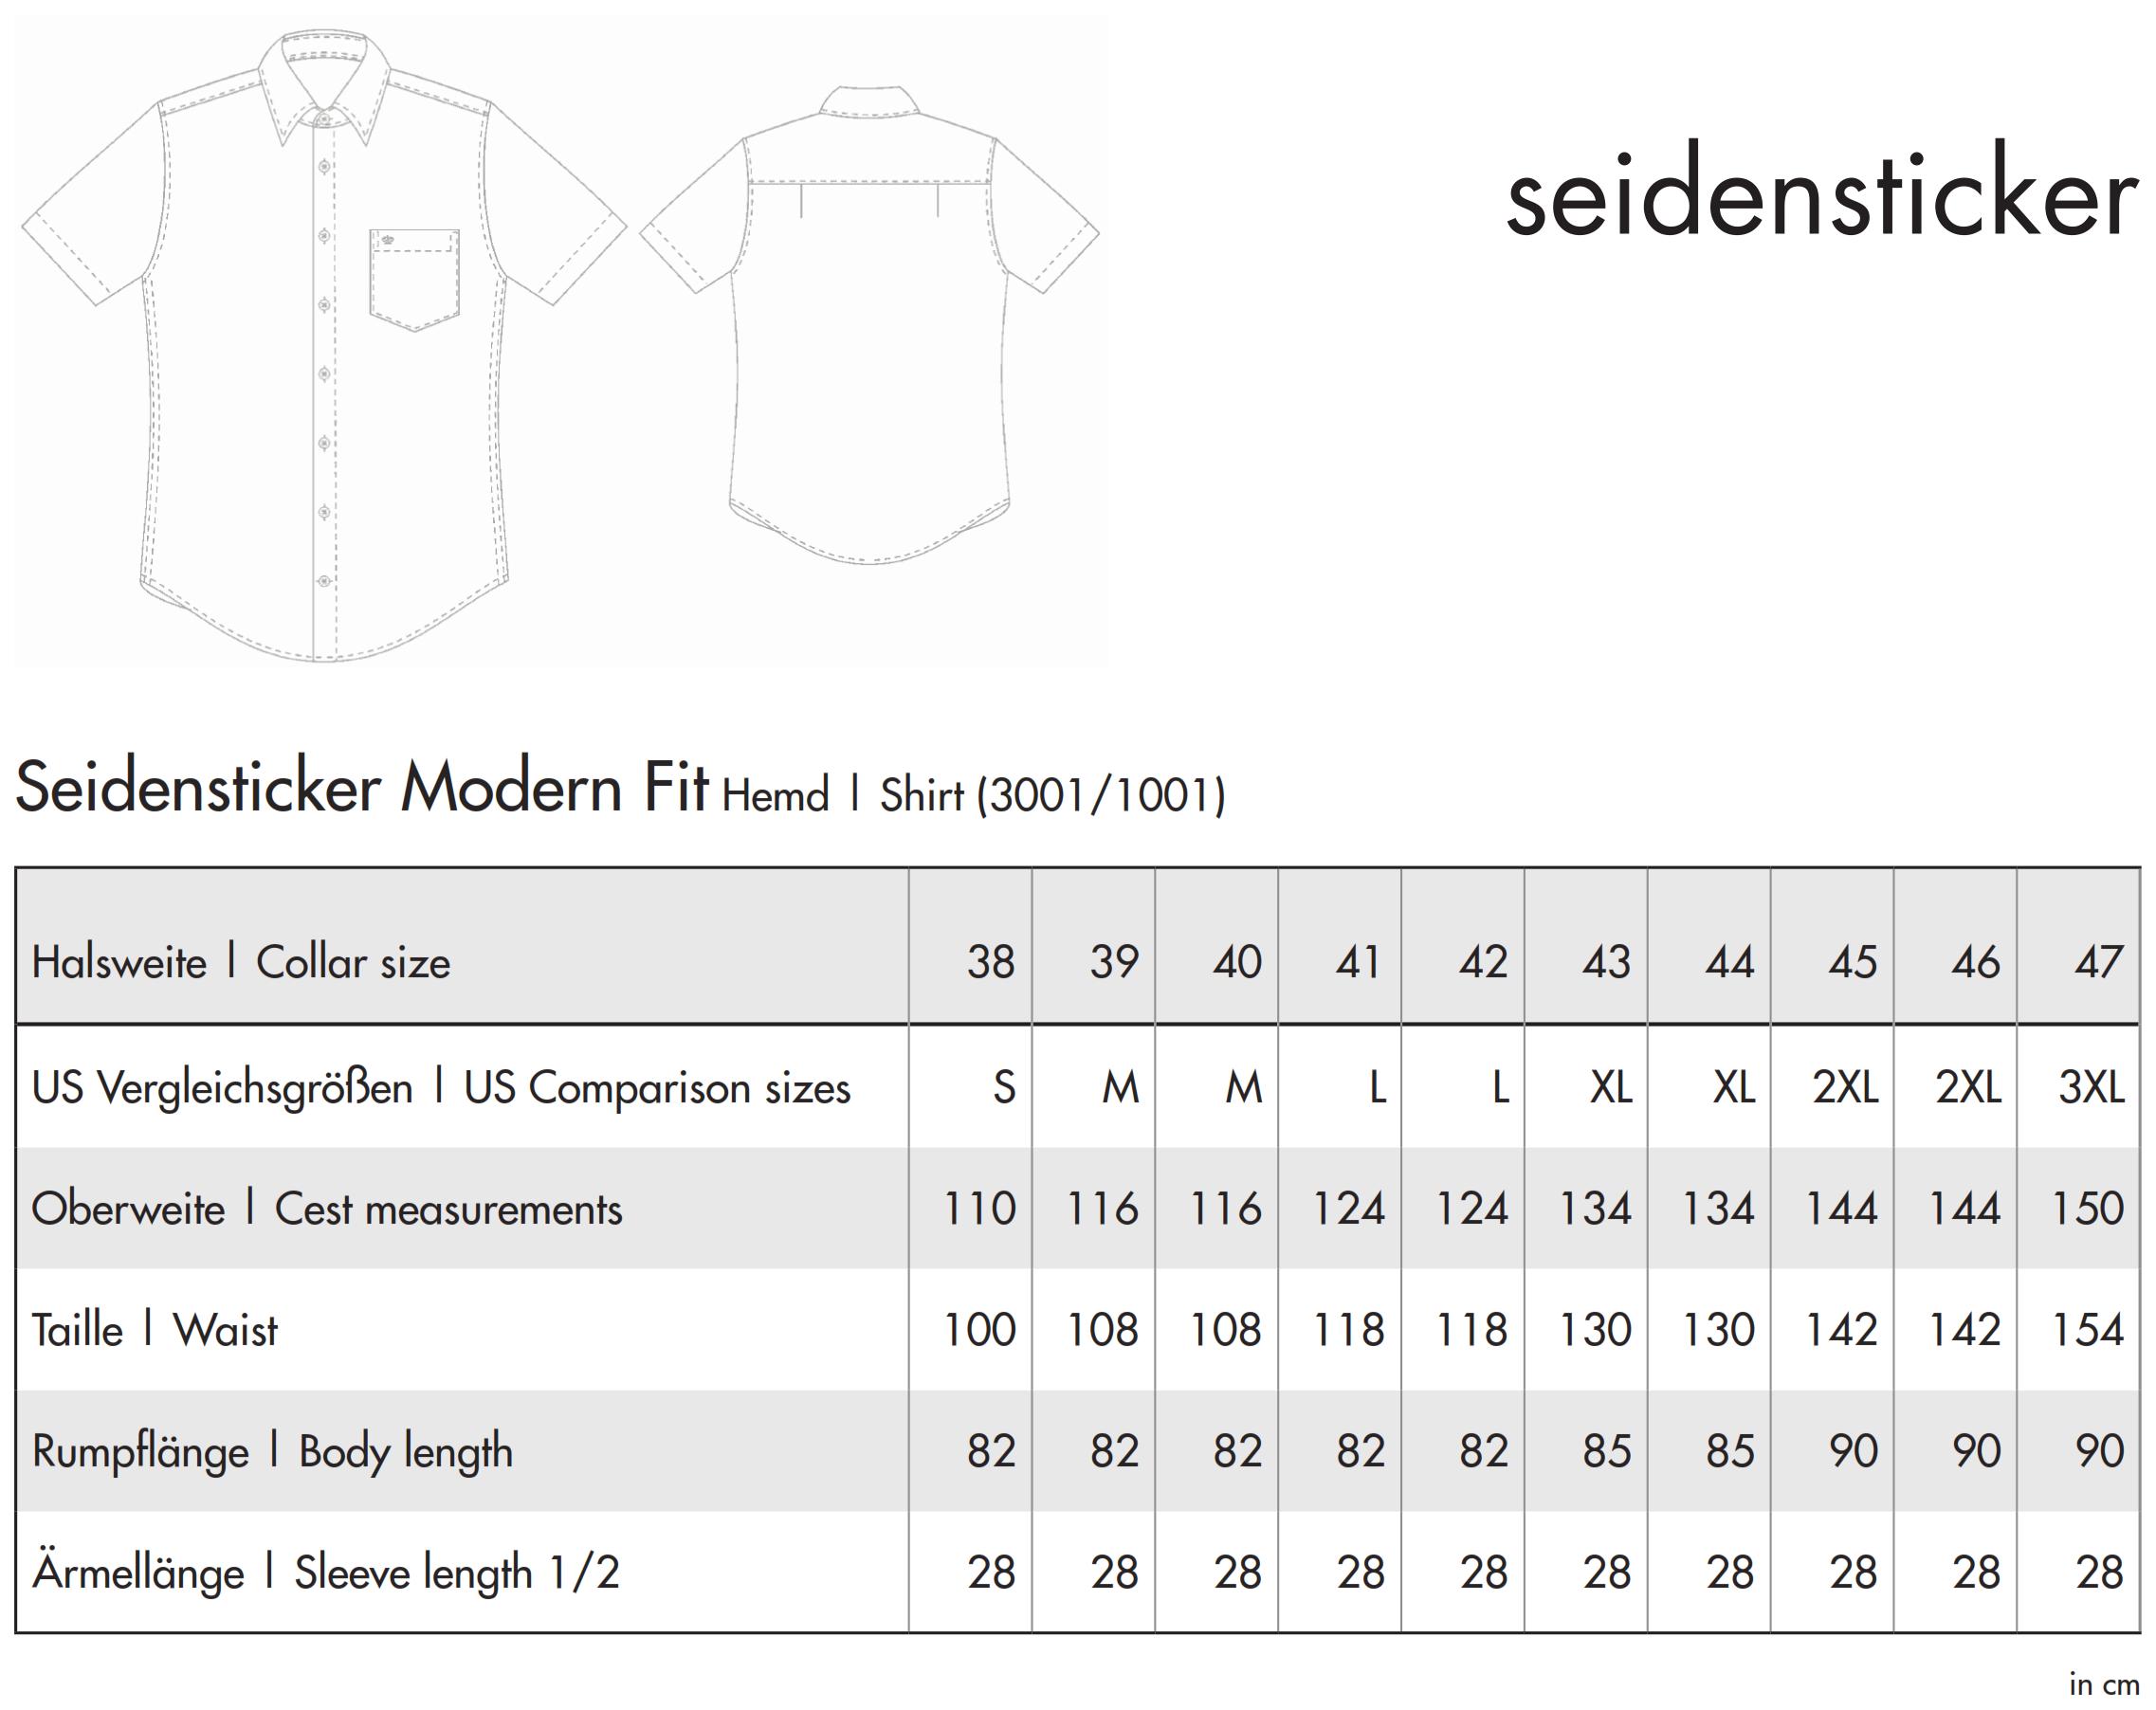 Seidensticker: Splendesto Hemd 3001/1001